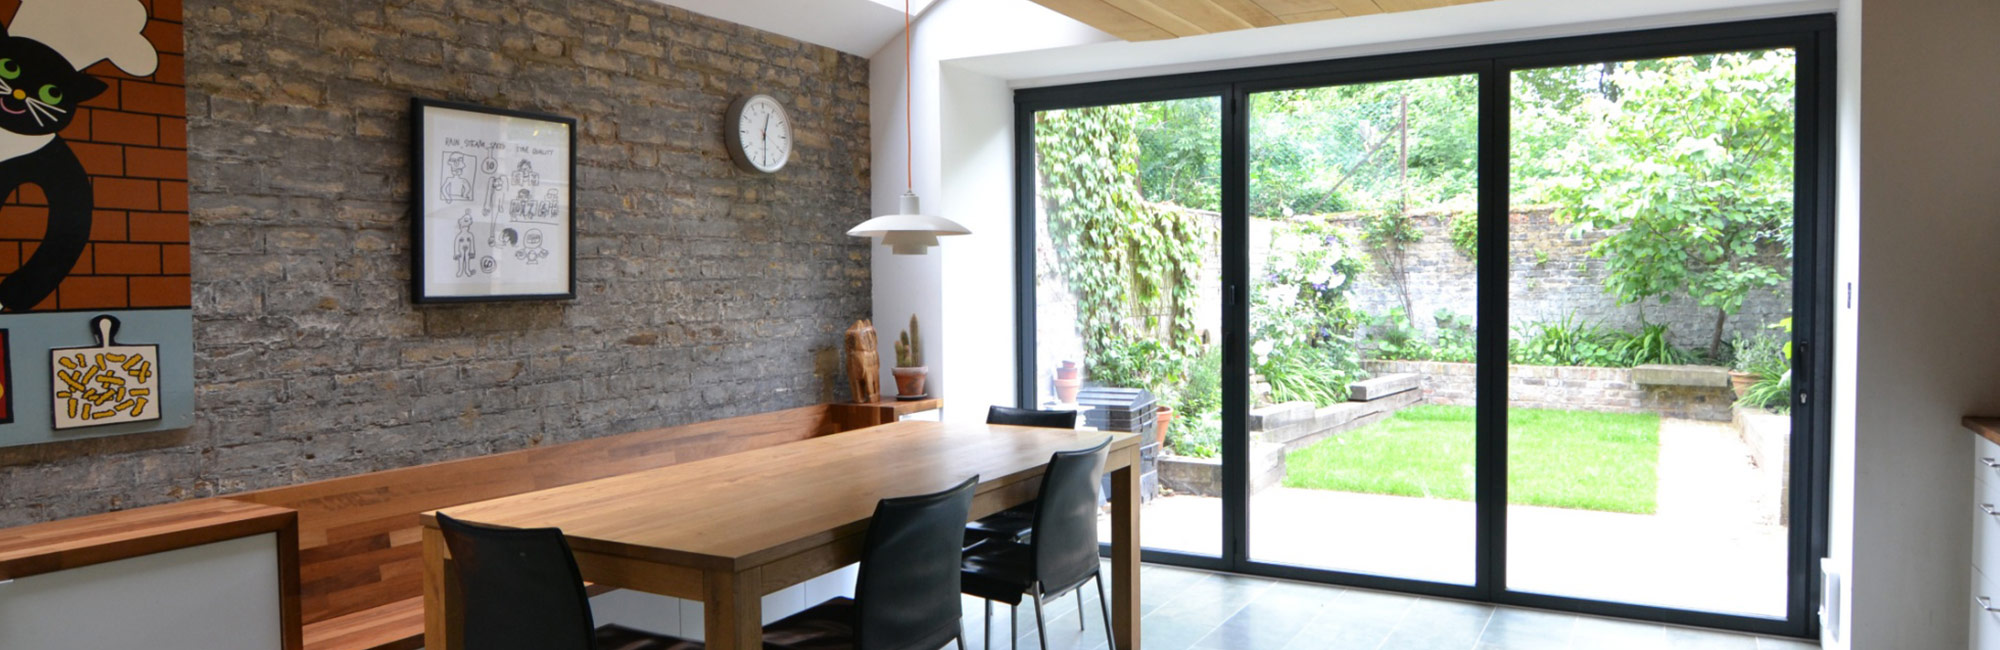 Sunflex SF75H & Timber - Sunflex SF75H Bifold Door - Park Farm Design